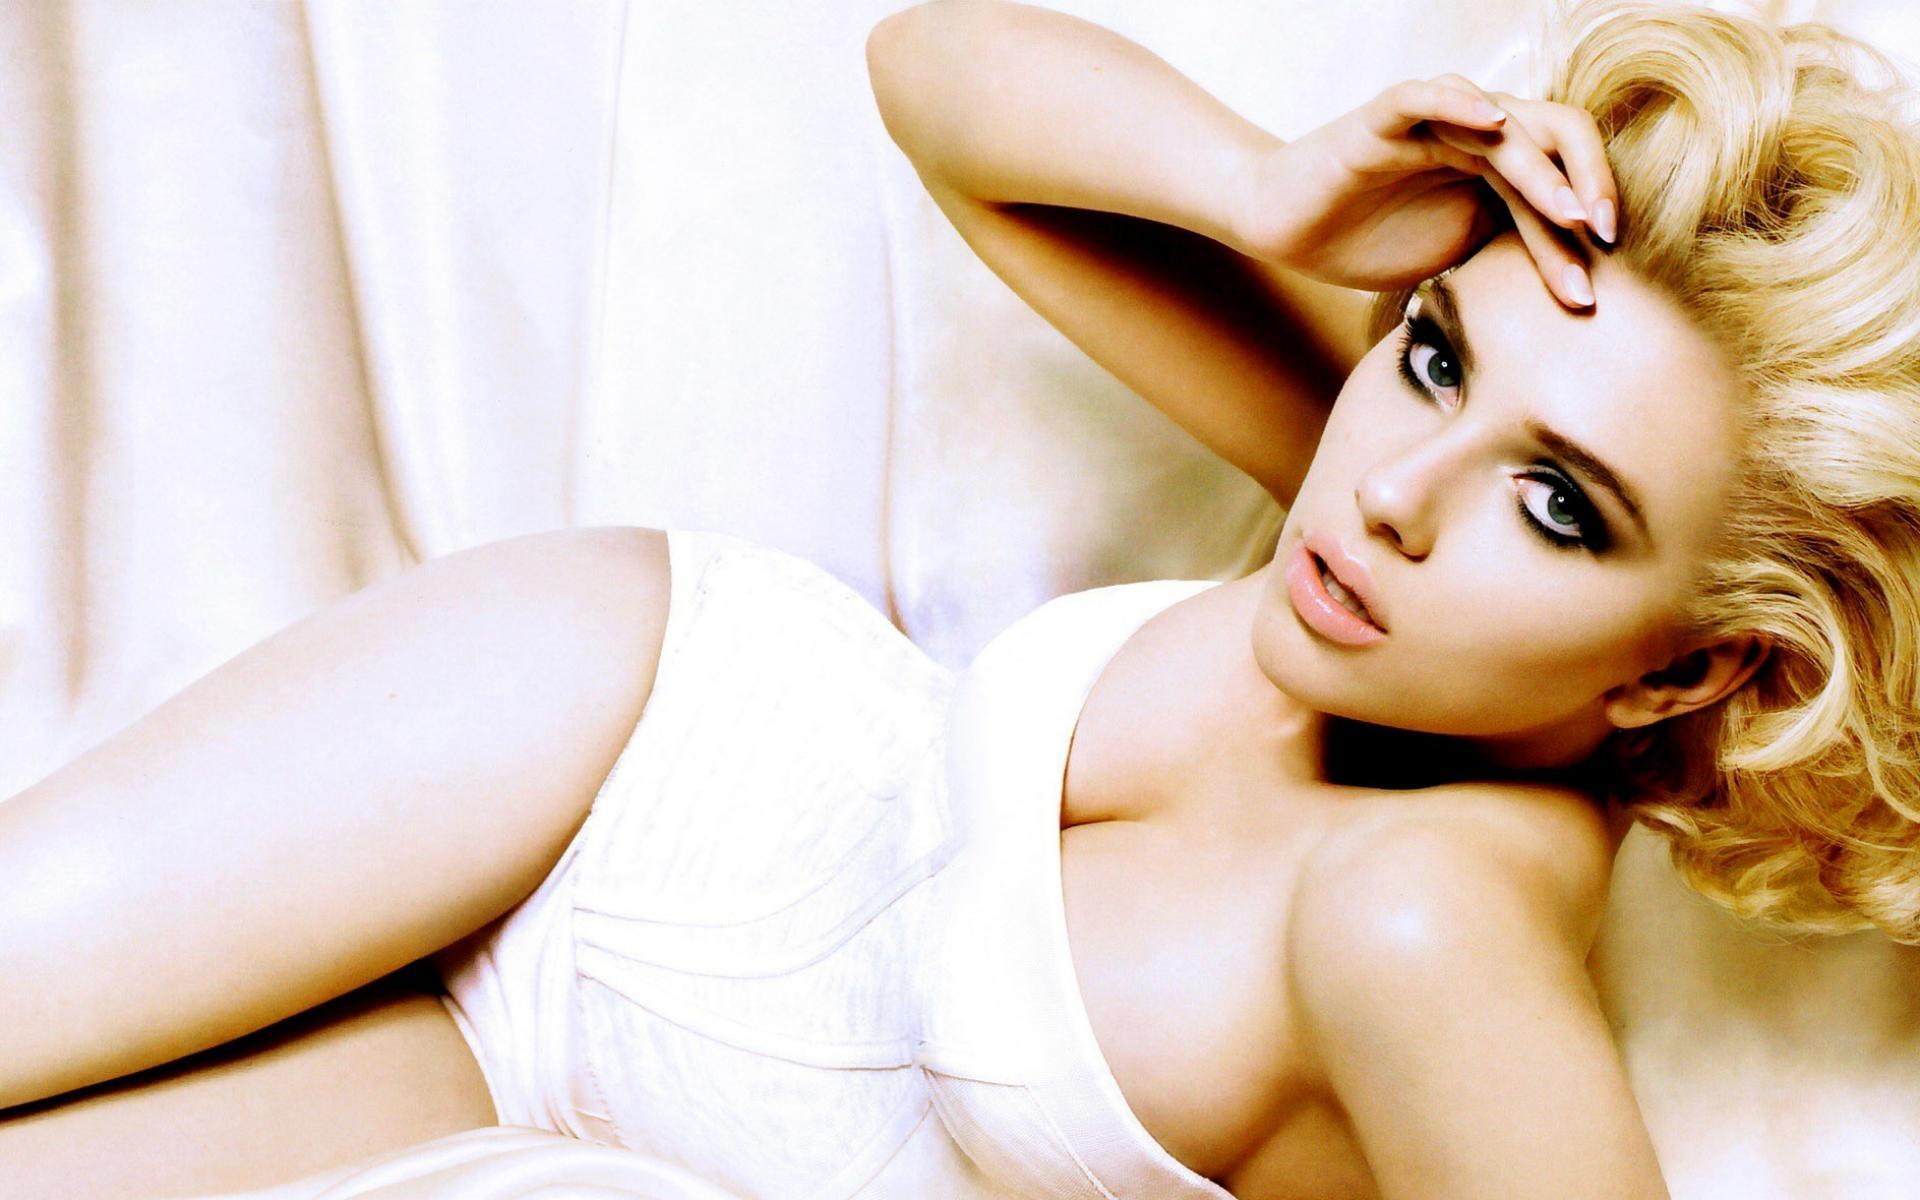 Самый красивый секс с красивой девочкой в анал 17 фотография